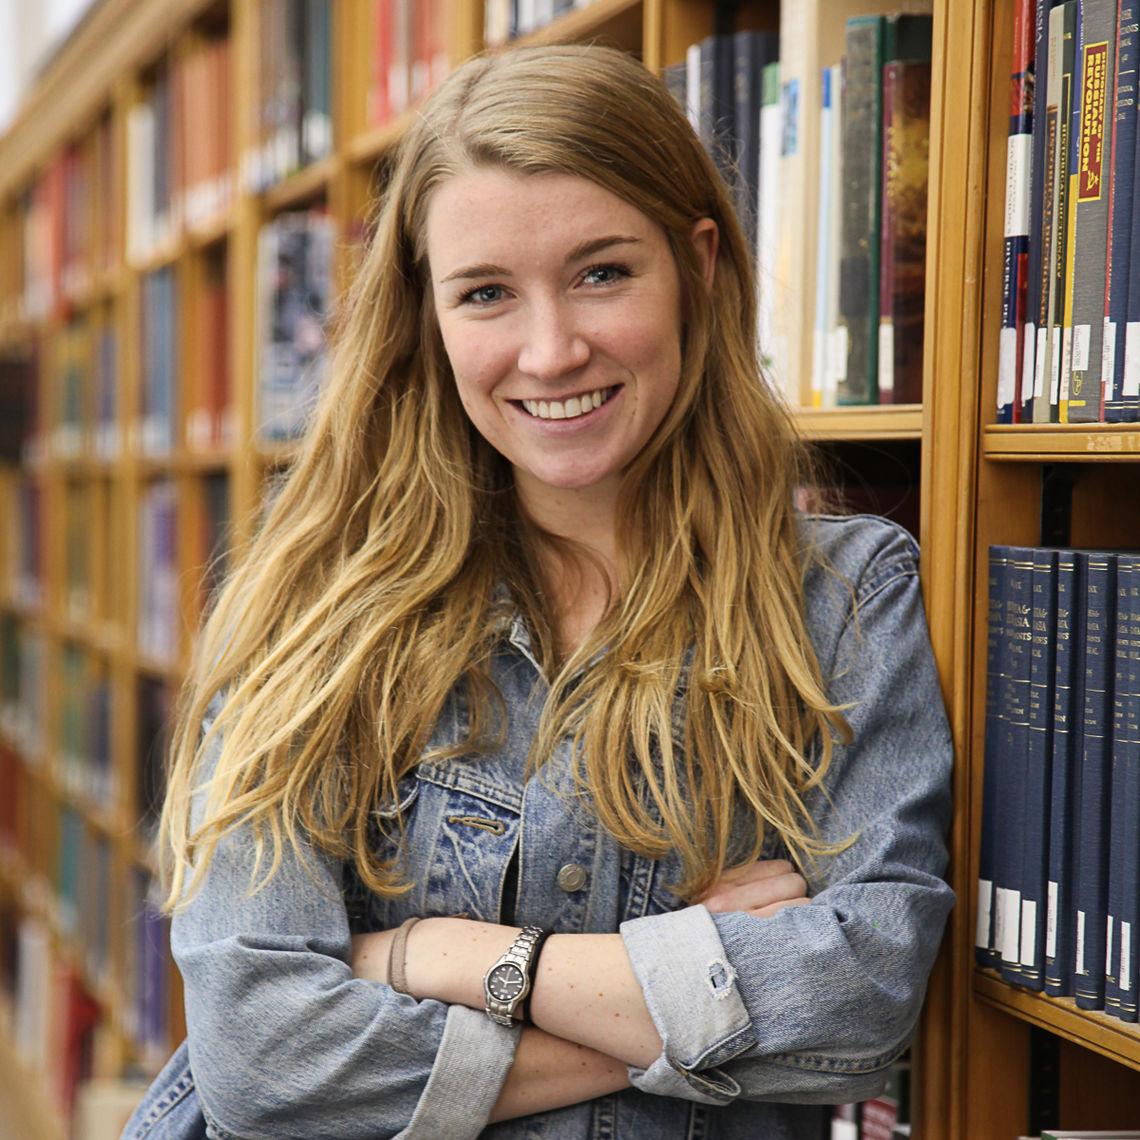 Courtney Rinden '16